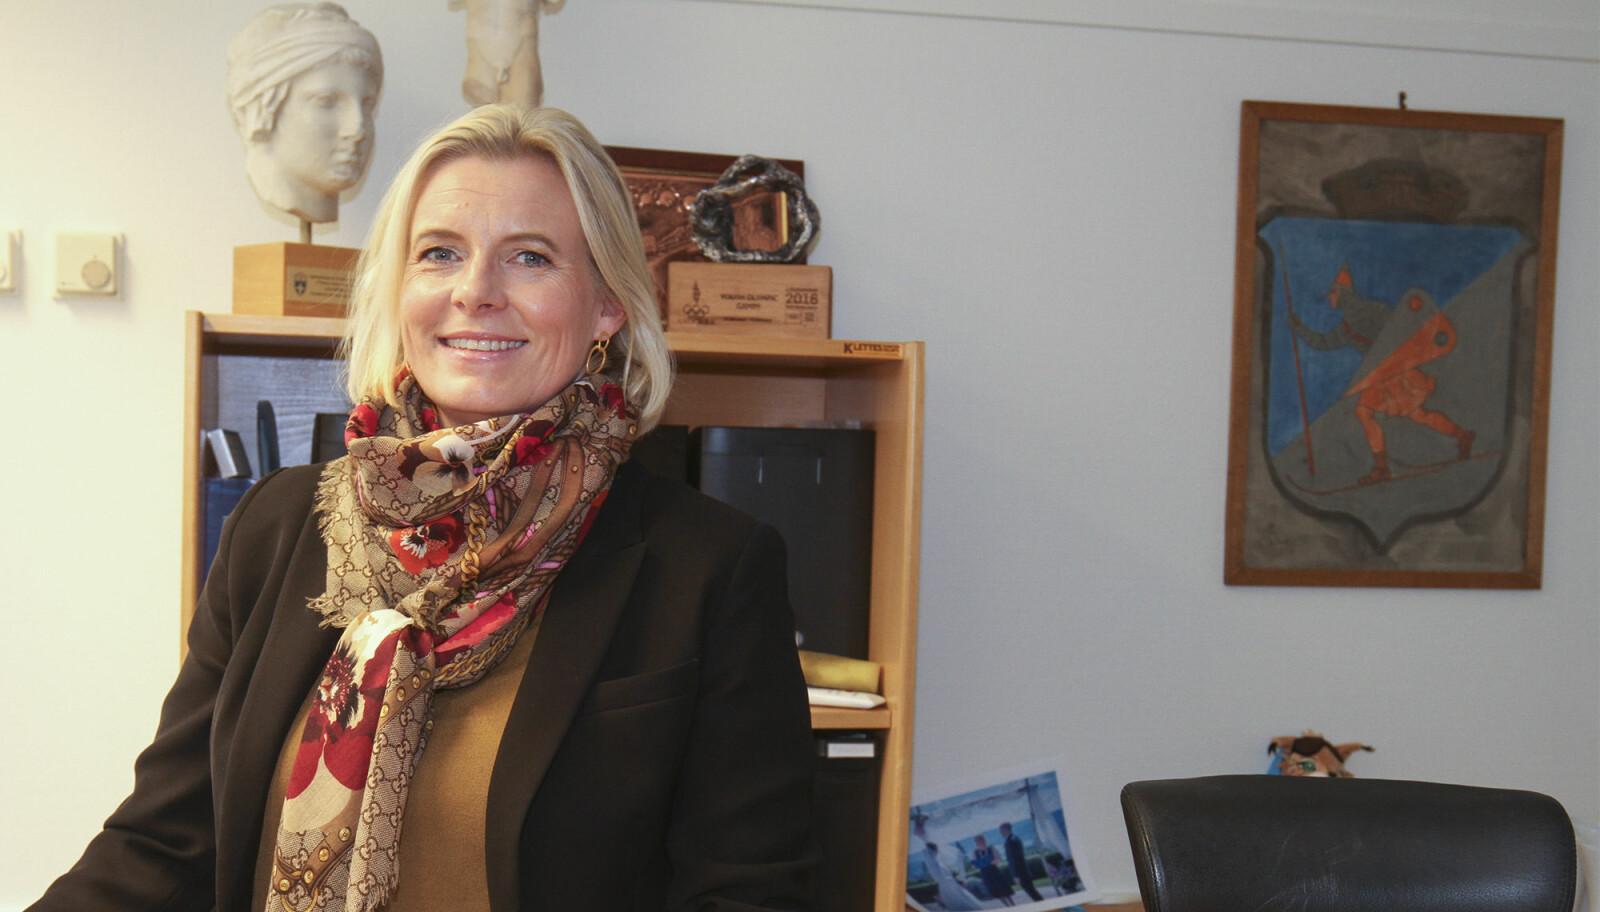 Ingunn Trosholmen rykket opp fra varaordfører til ordfører etter valget i fjor høst. – Jeg har lagt bak meg et spesielt år i ordførerstolen, sier hun.